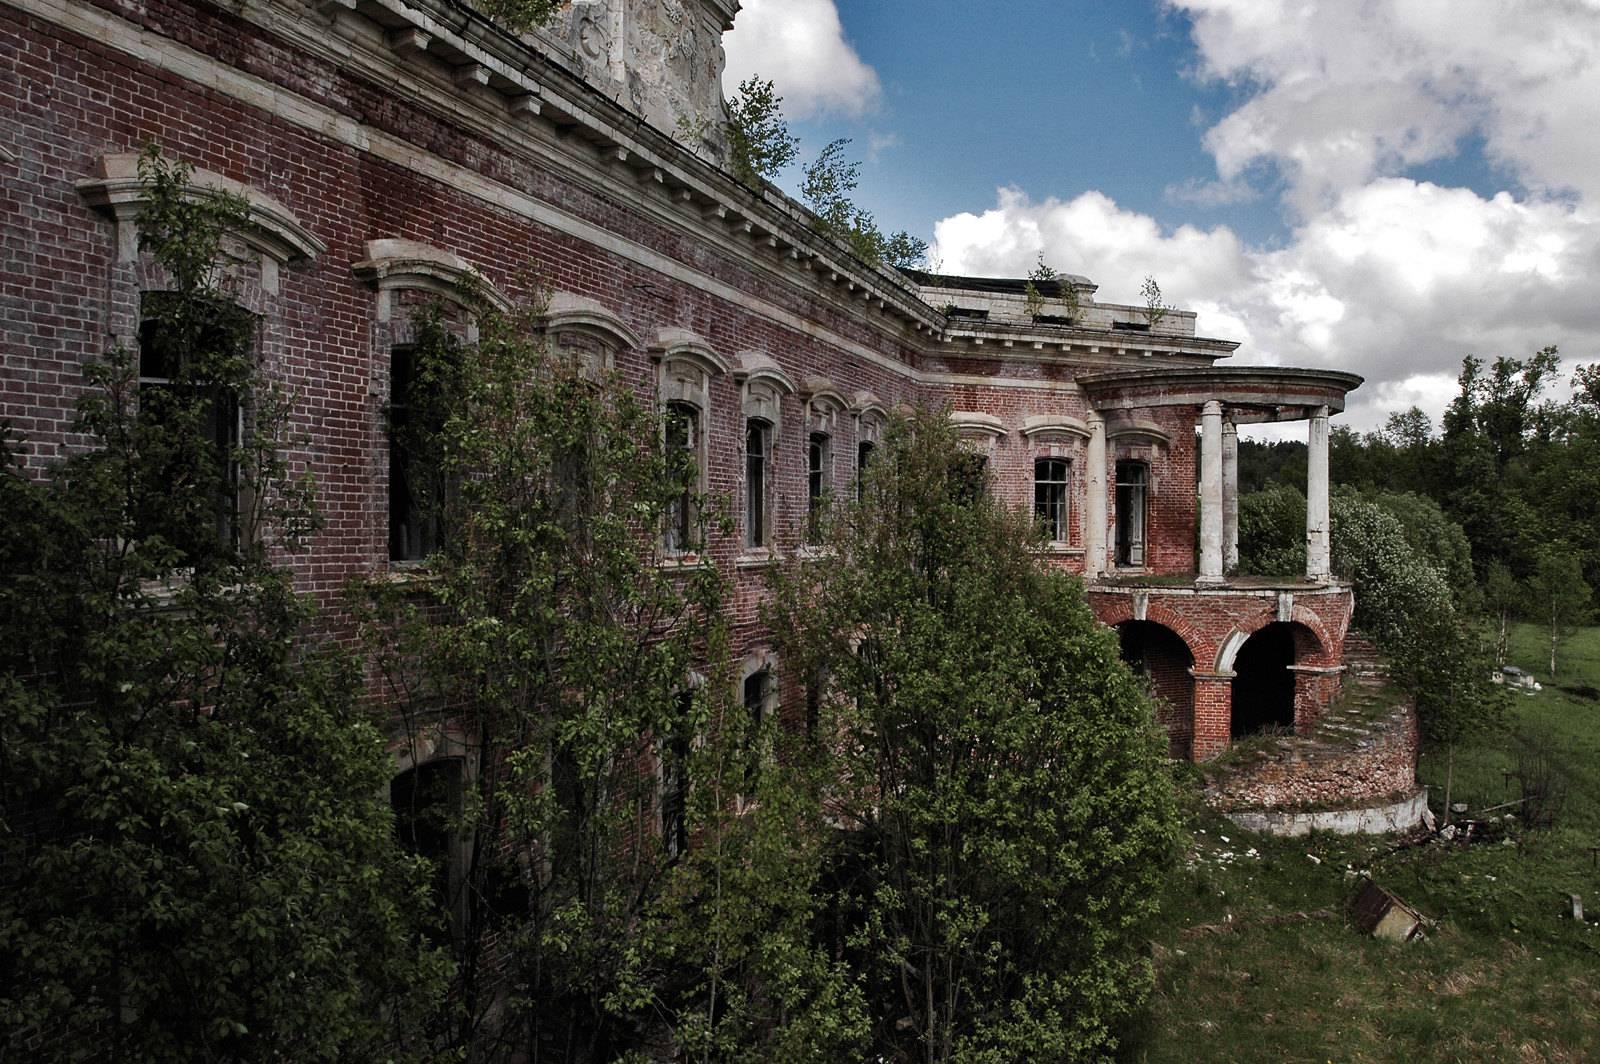 Руины с величественной историей. Где найти лучшие заброшенные усадьбы в Подмосковье | Изображение 2